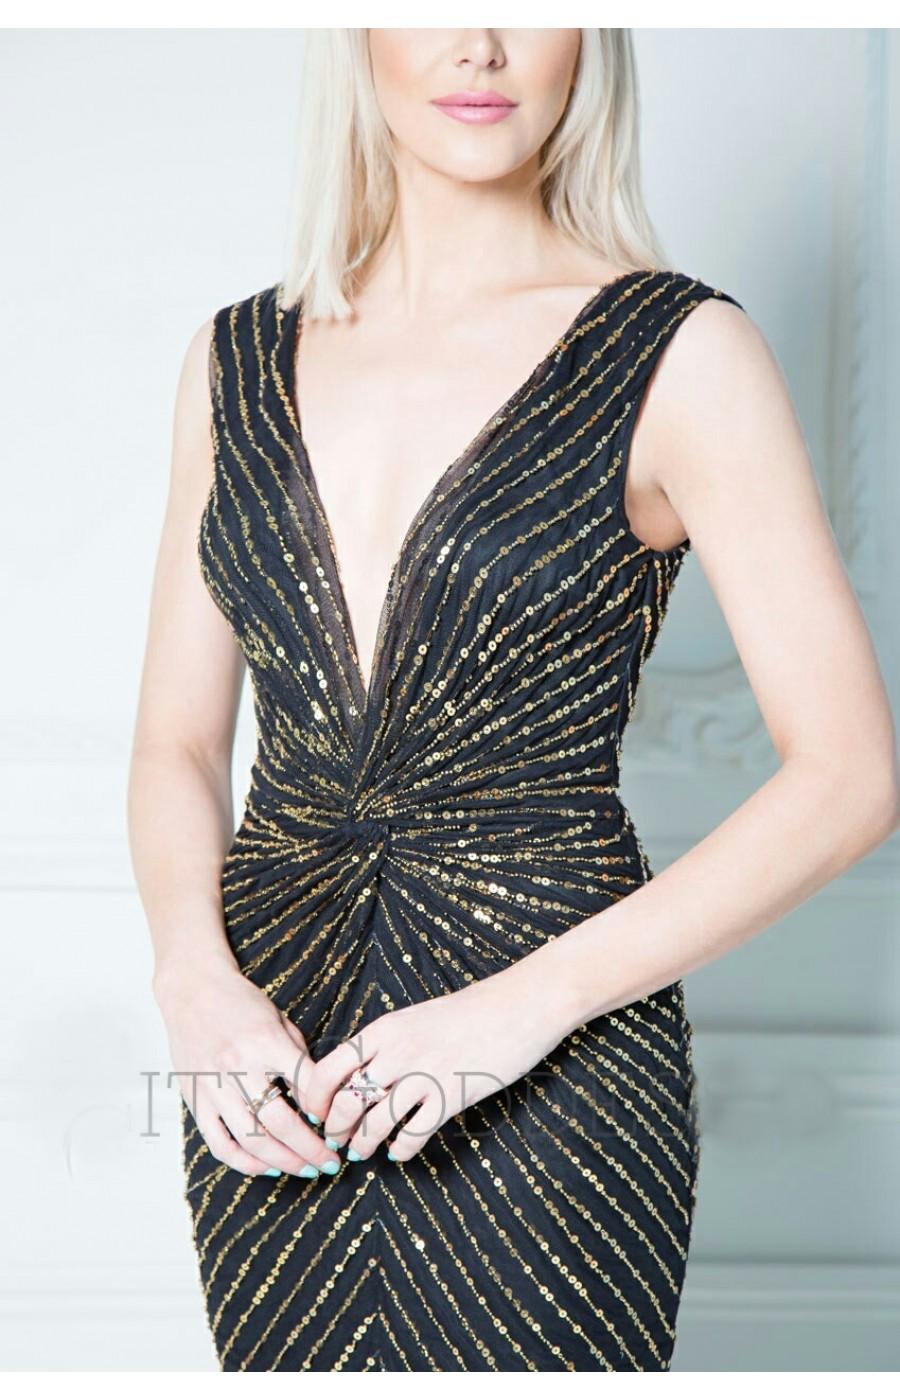 Μαύρο μίντι φόρεμα με χρυσές παγιετες